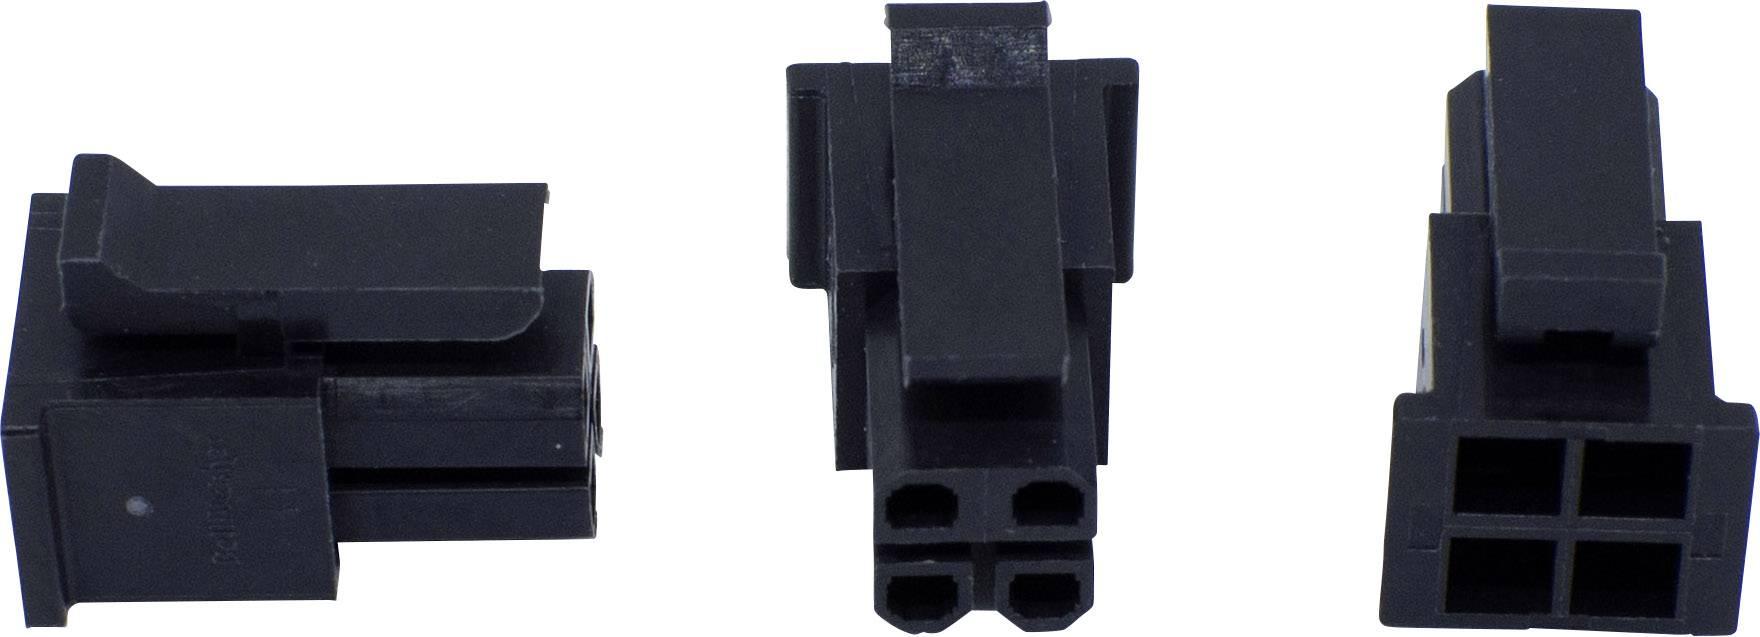 Zásuvkové púzdro na kábel BellWether 70093-0400, pólů 4, rozteč 3 mm, 1 ks